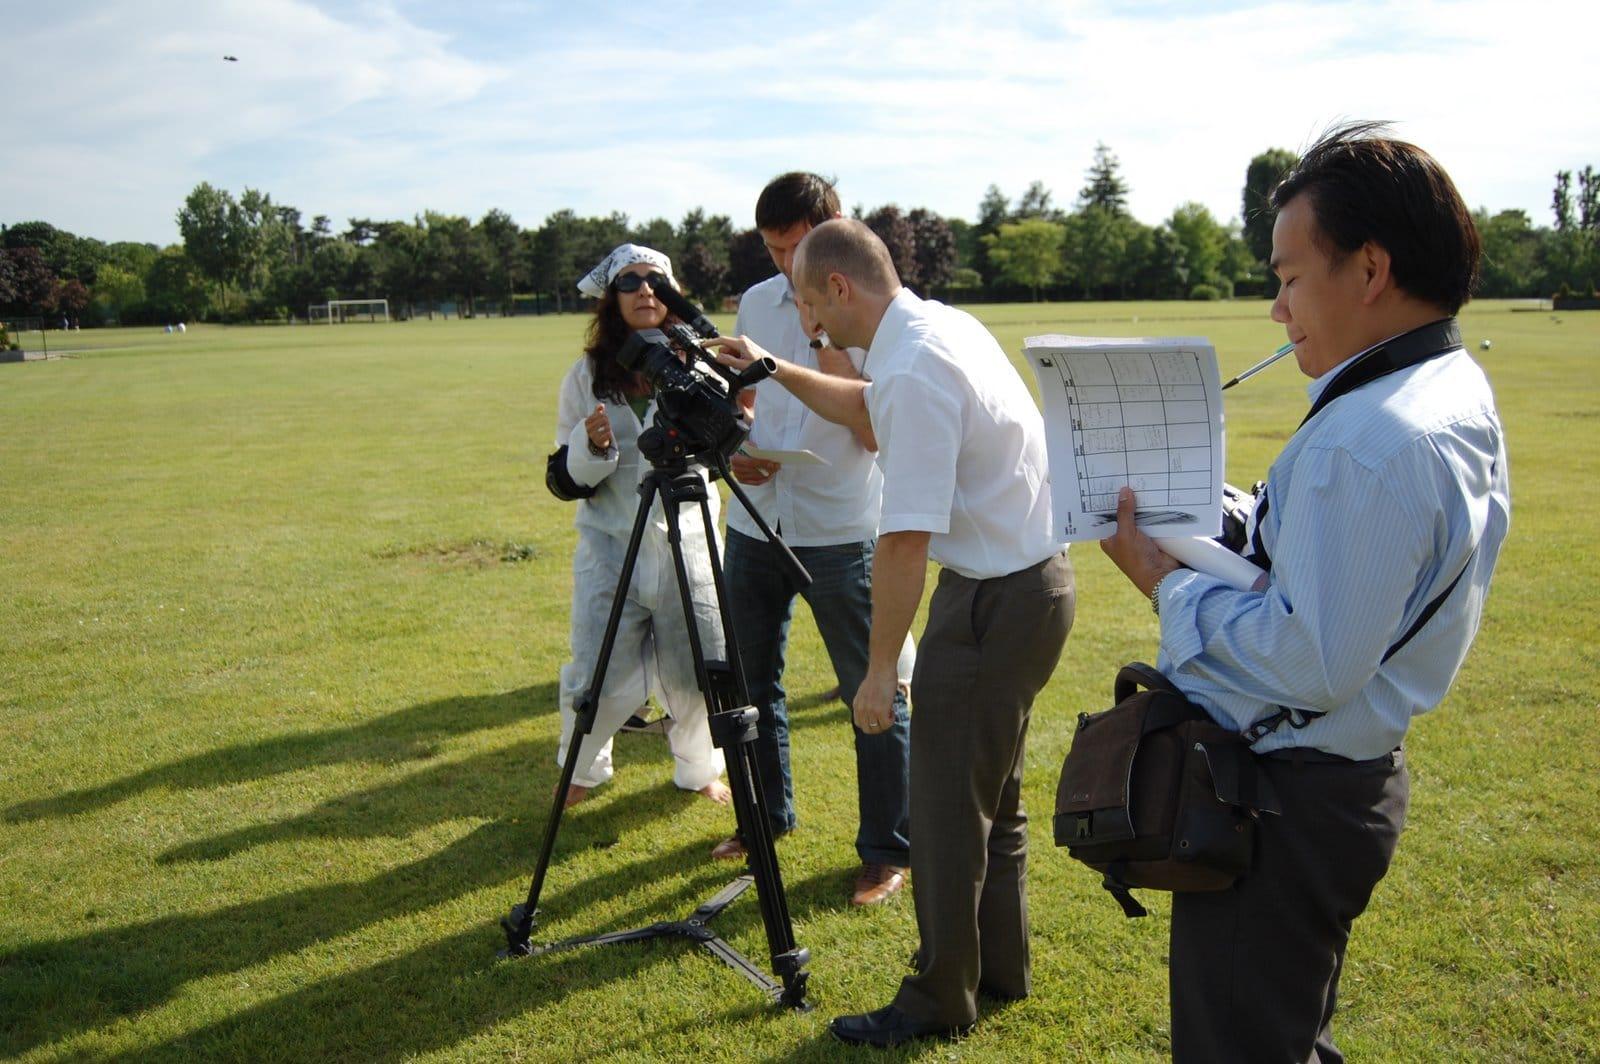 tournage de pub : les participants filment en extérieur